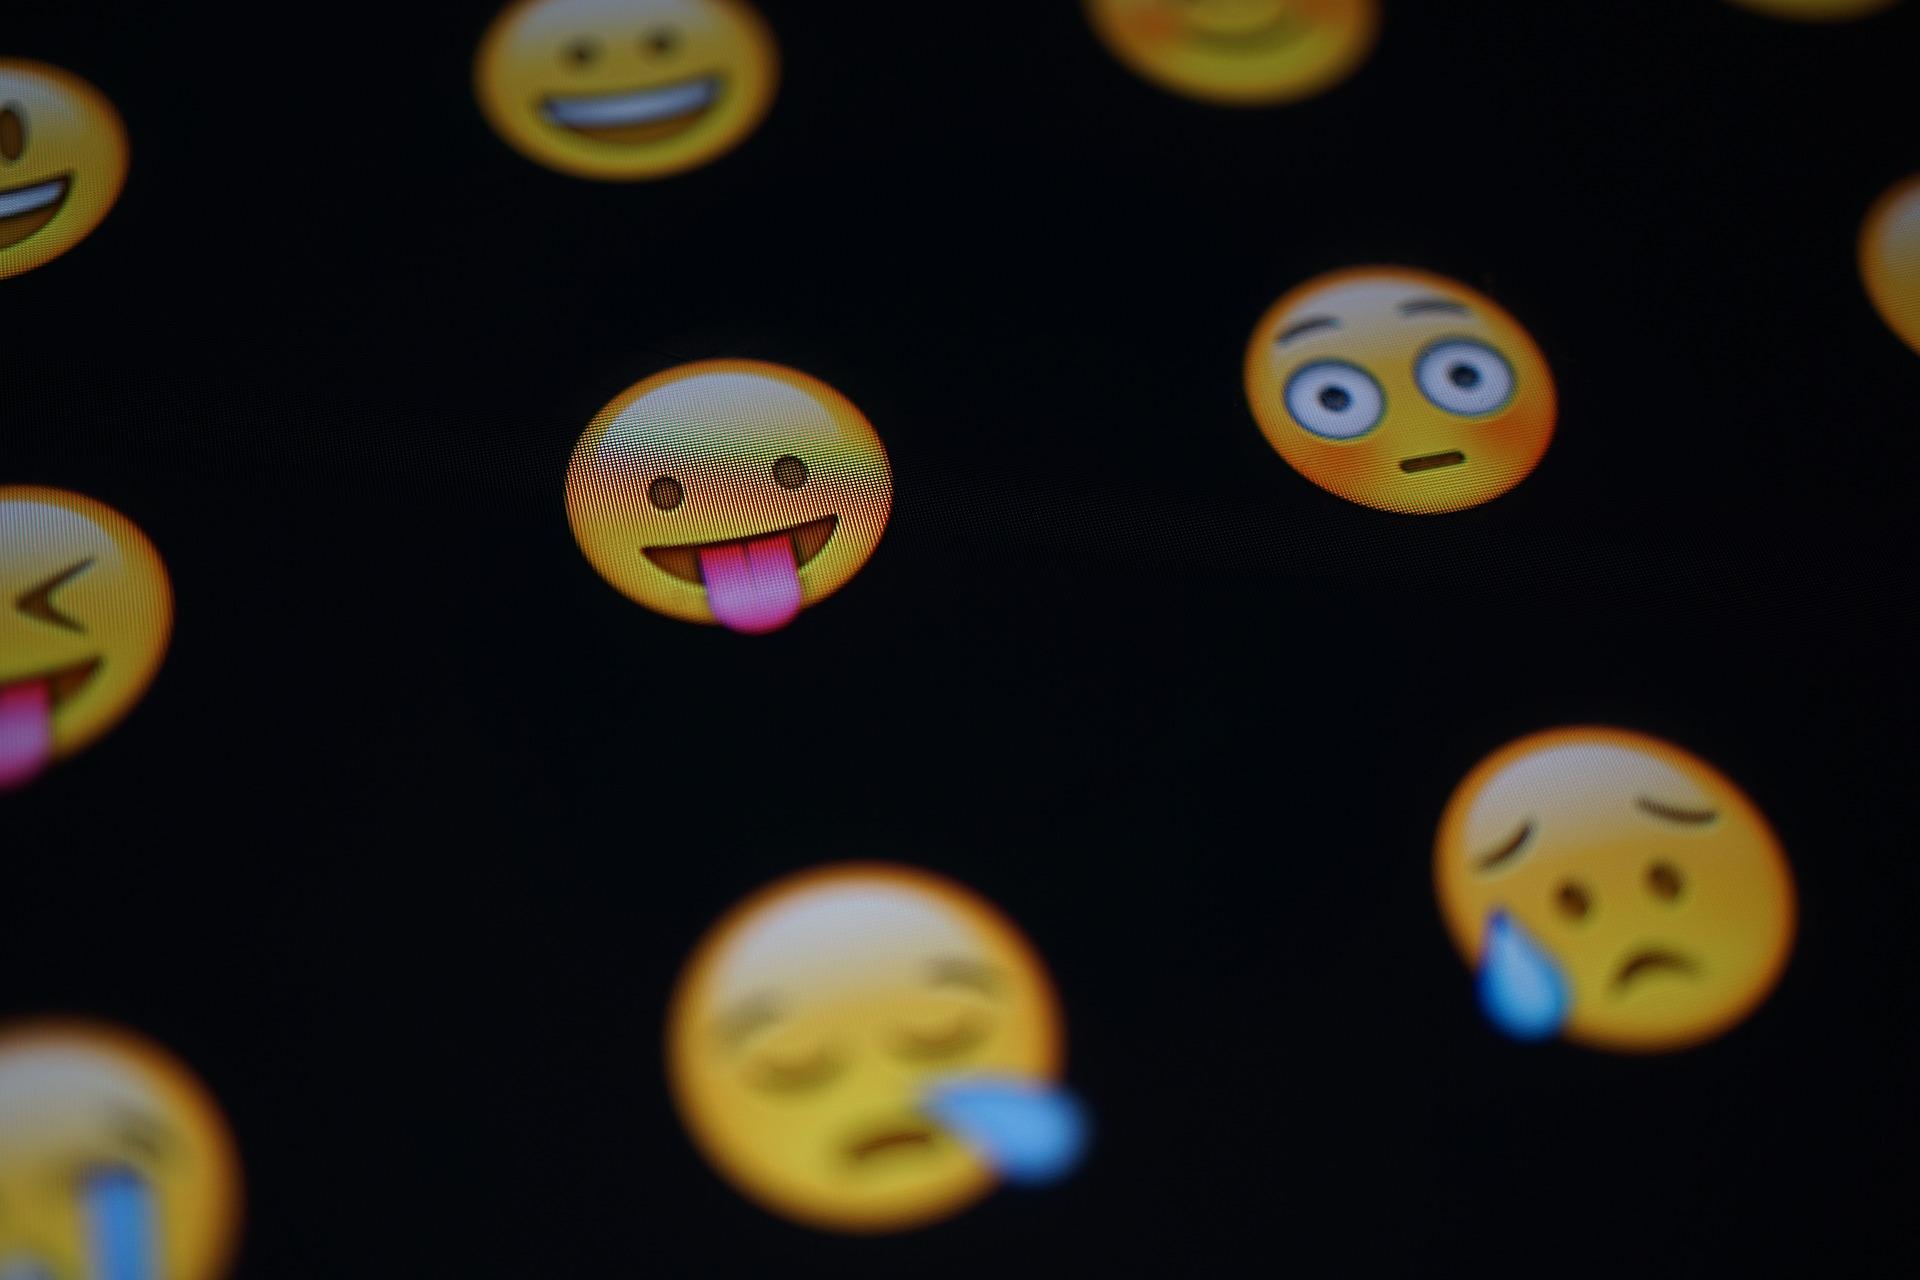 emoji-653309_1920 pixabay